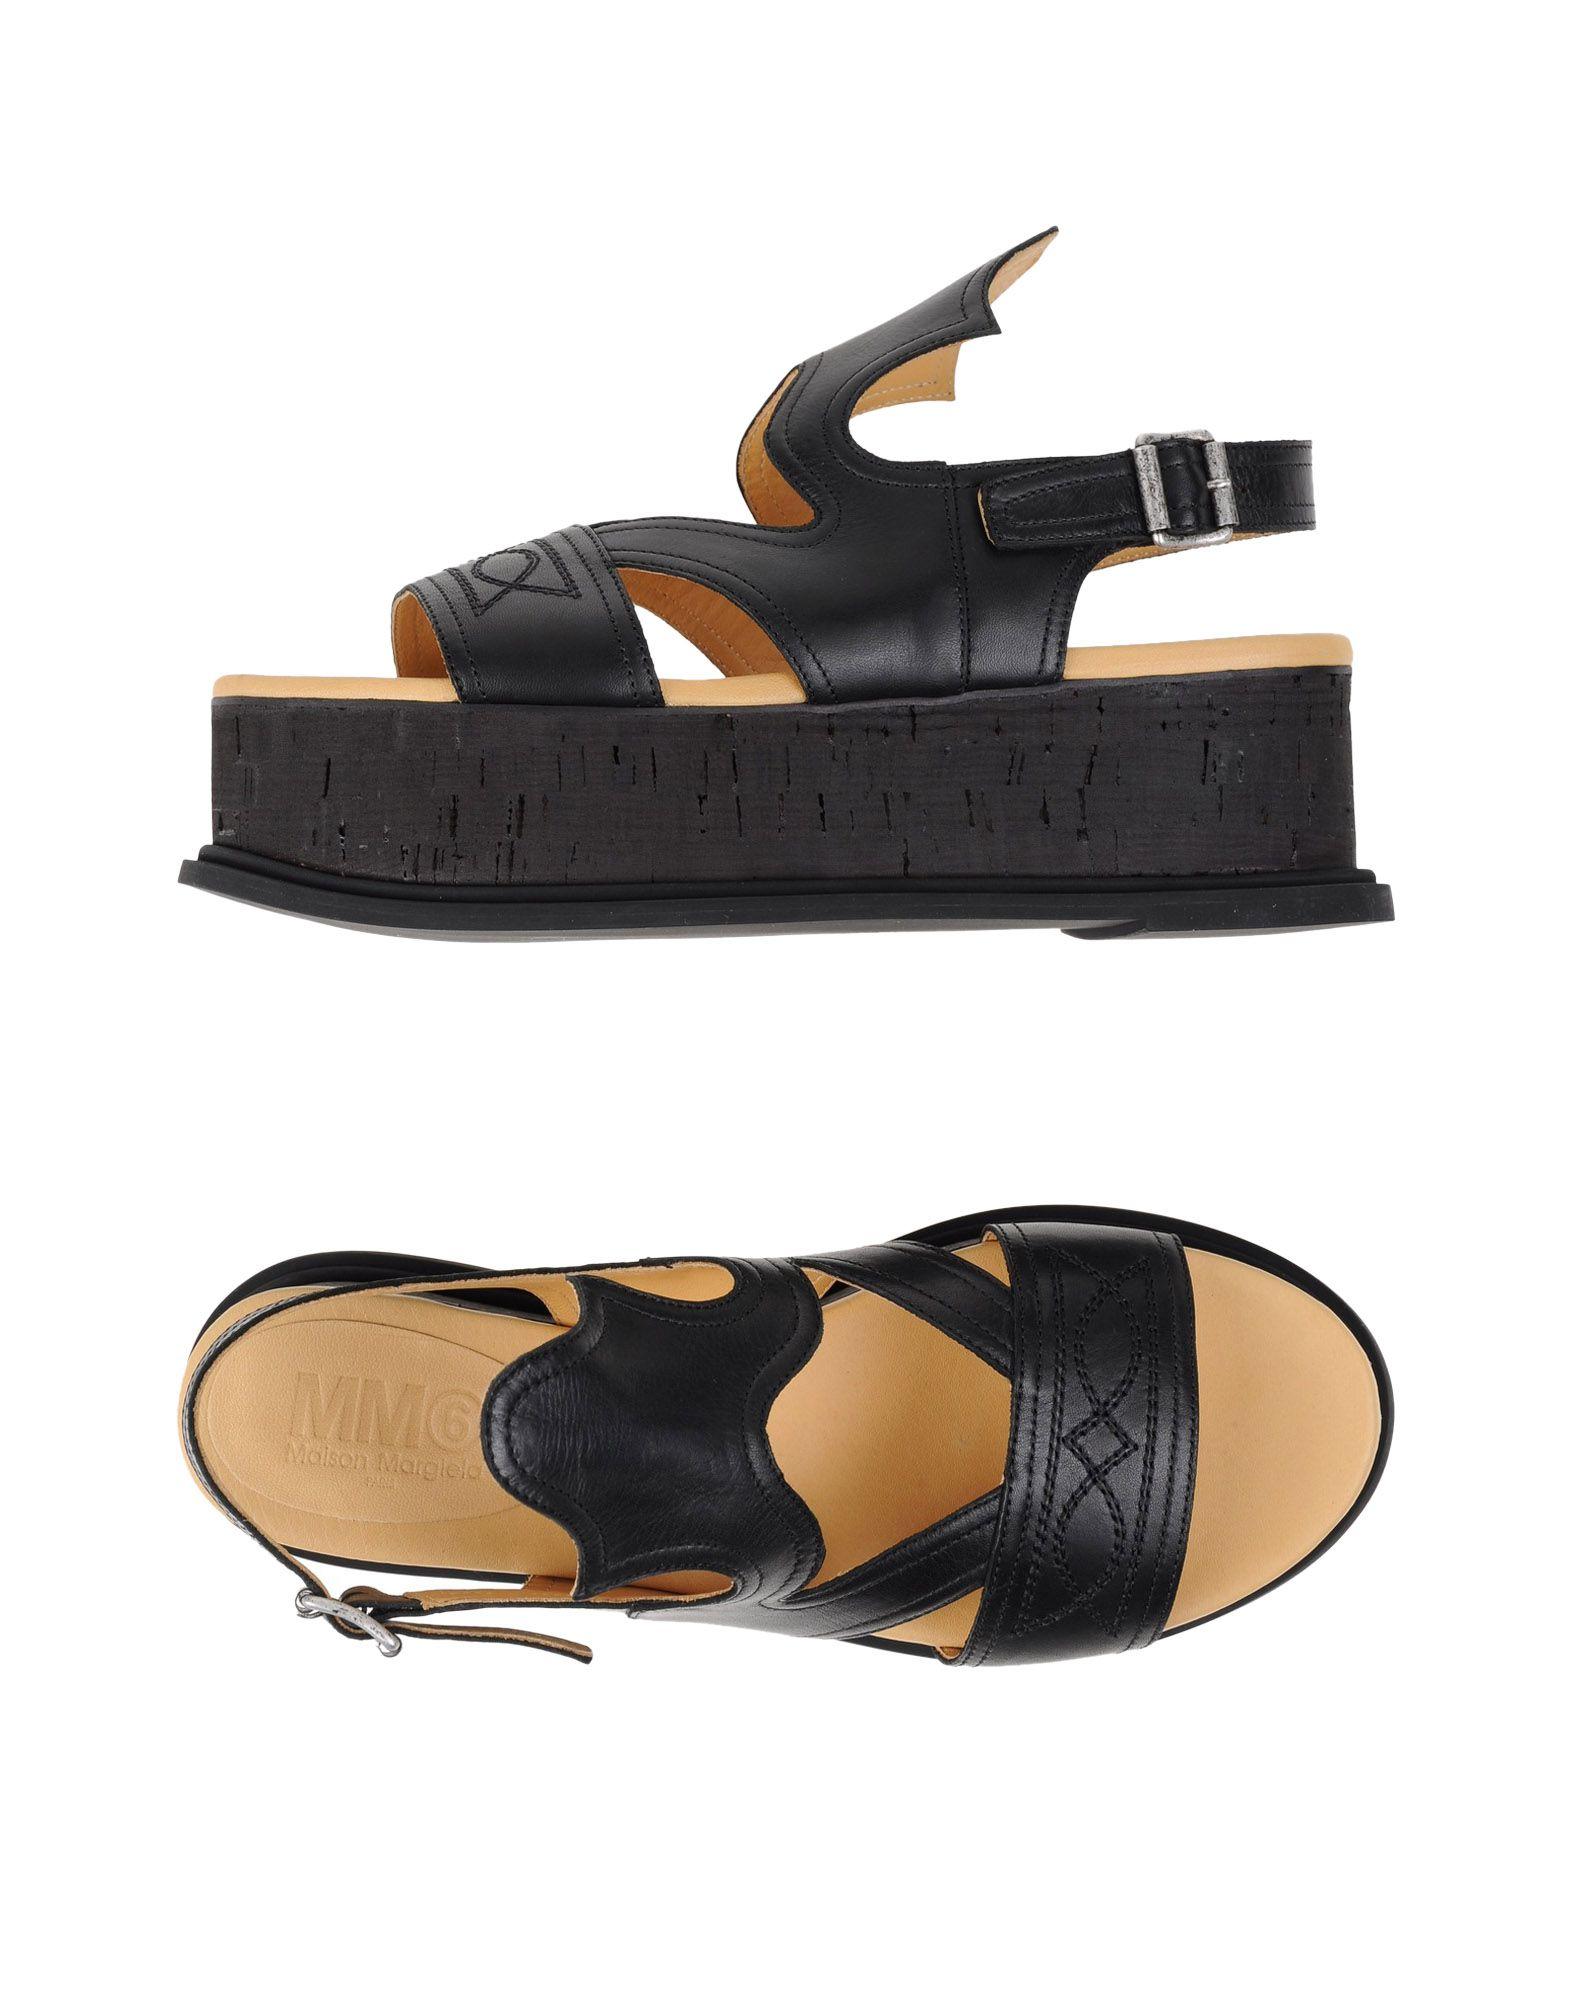 Mm6 Maison Margiela  Sandalen Damen  Margiela 11114410WB Neue Schuhe 3c7228